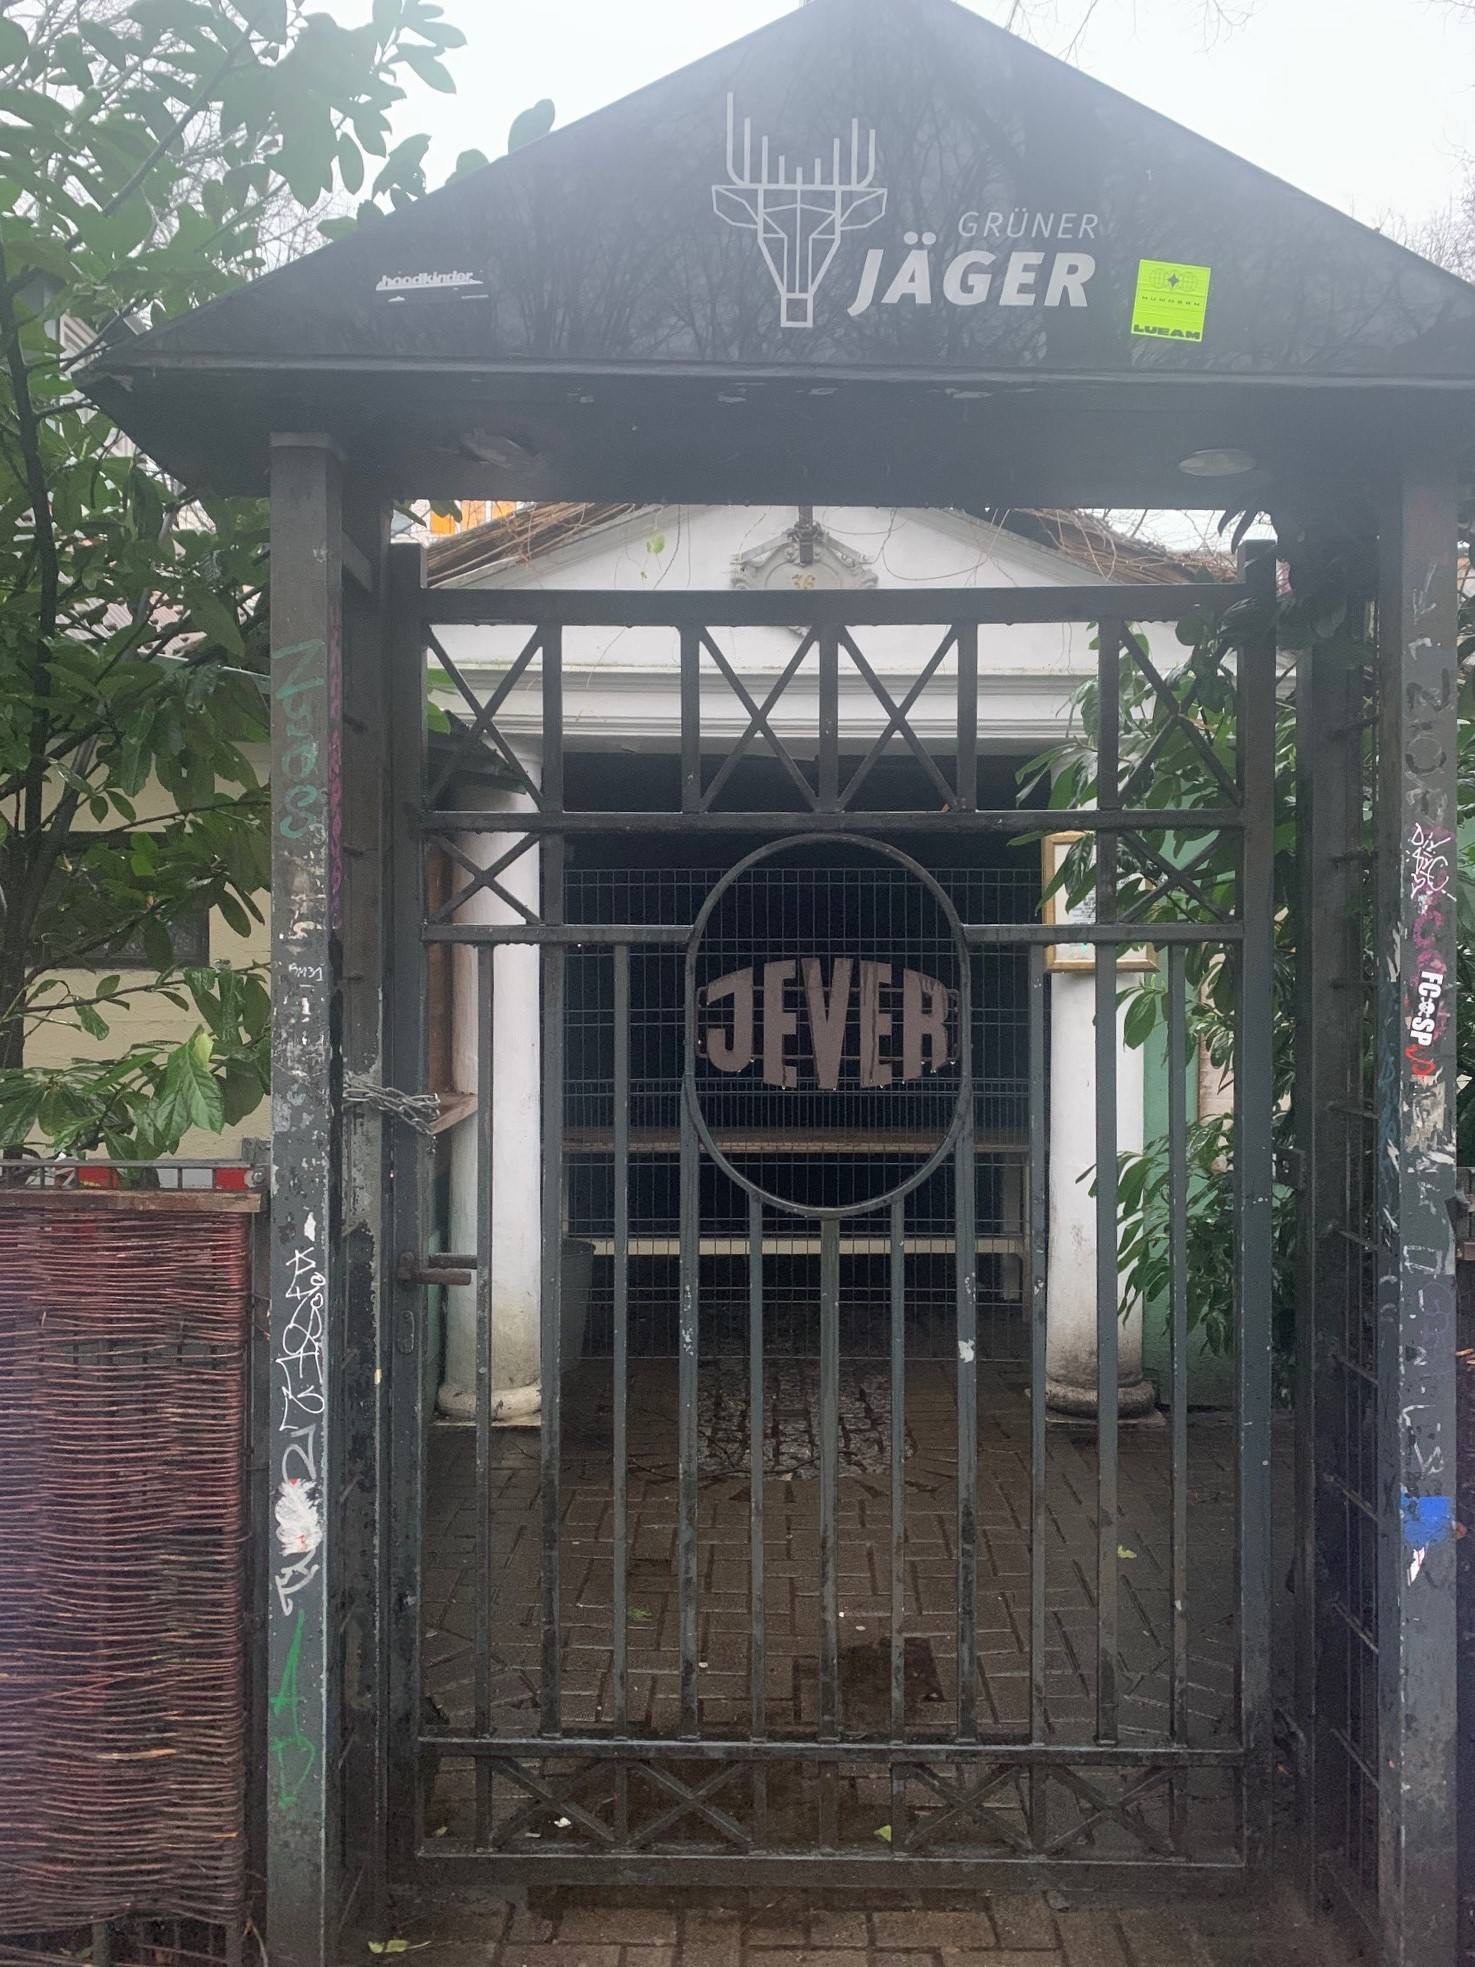 Die verschlossene Eingangstür des Musikclubs Grüner Jäger.